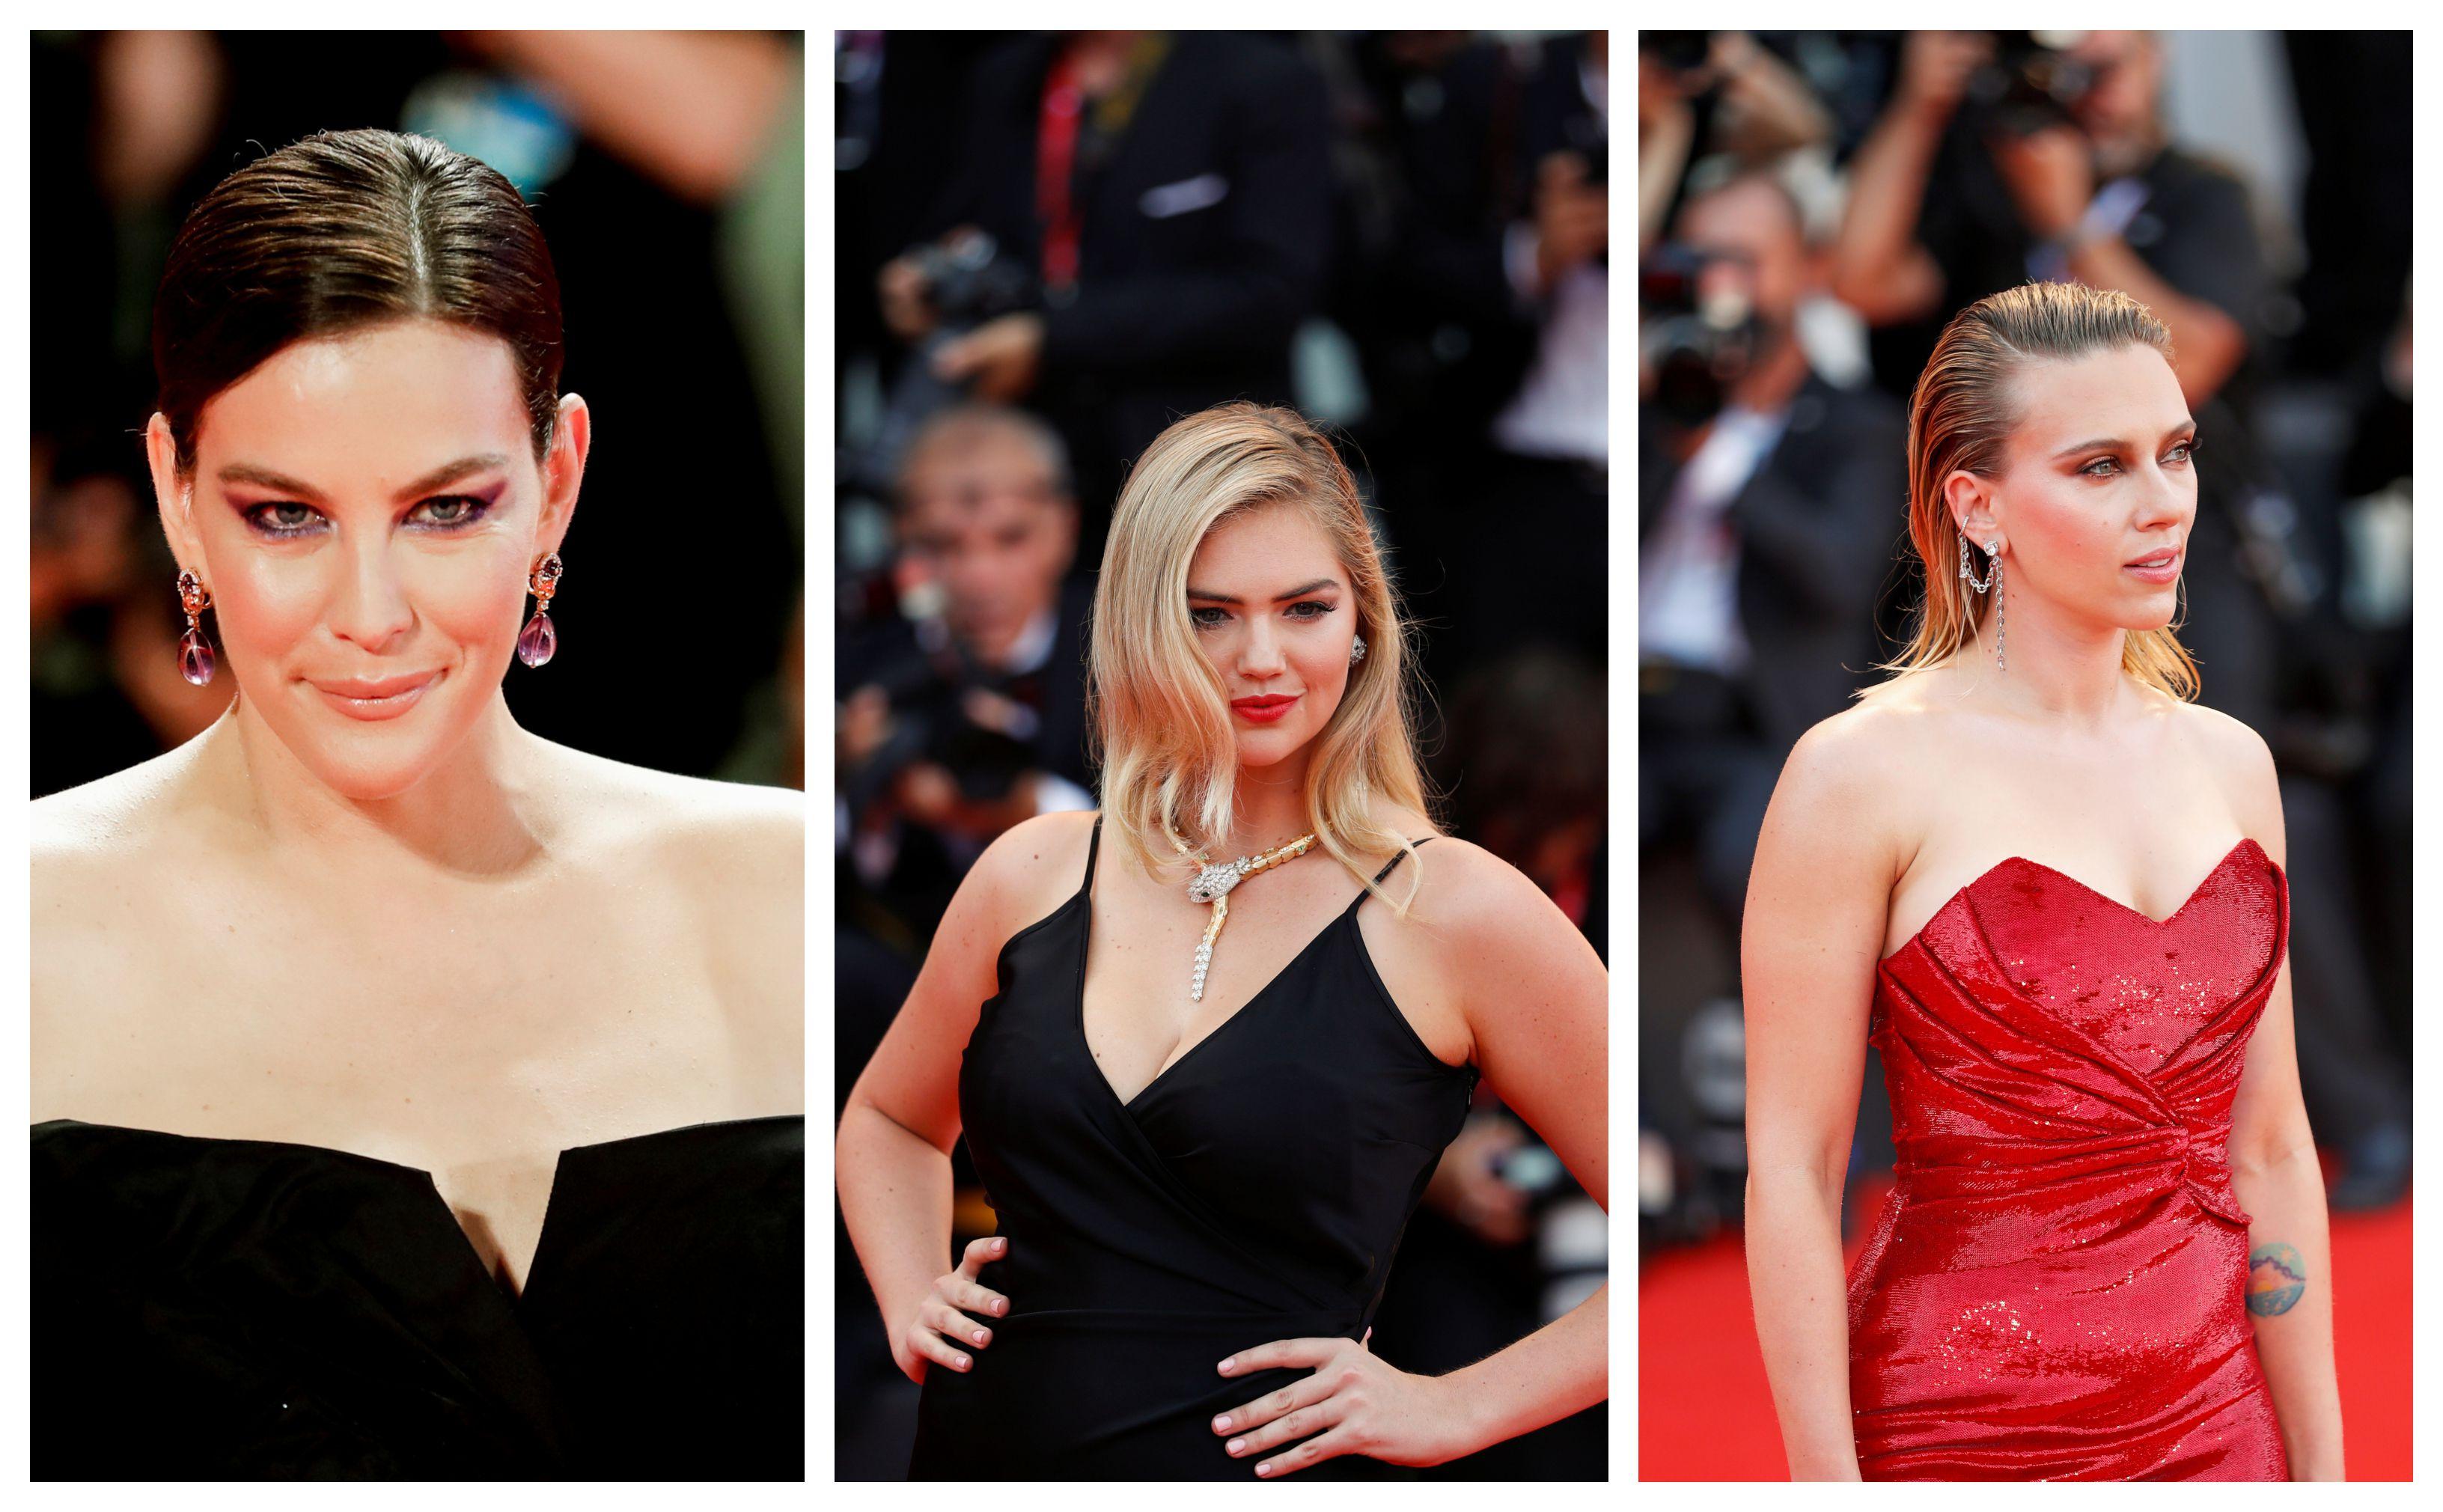 Sinoć su svi gledali samo u Liv Tyler, Kate Upton i Scarlett Johansson